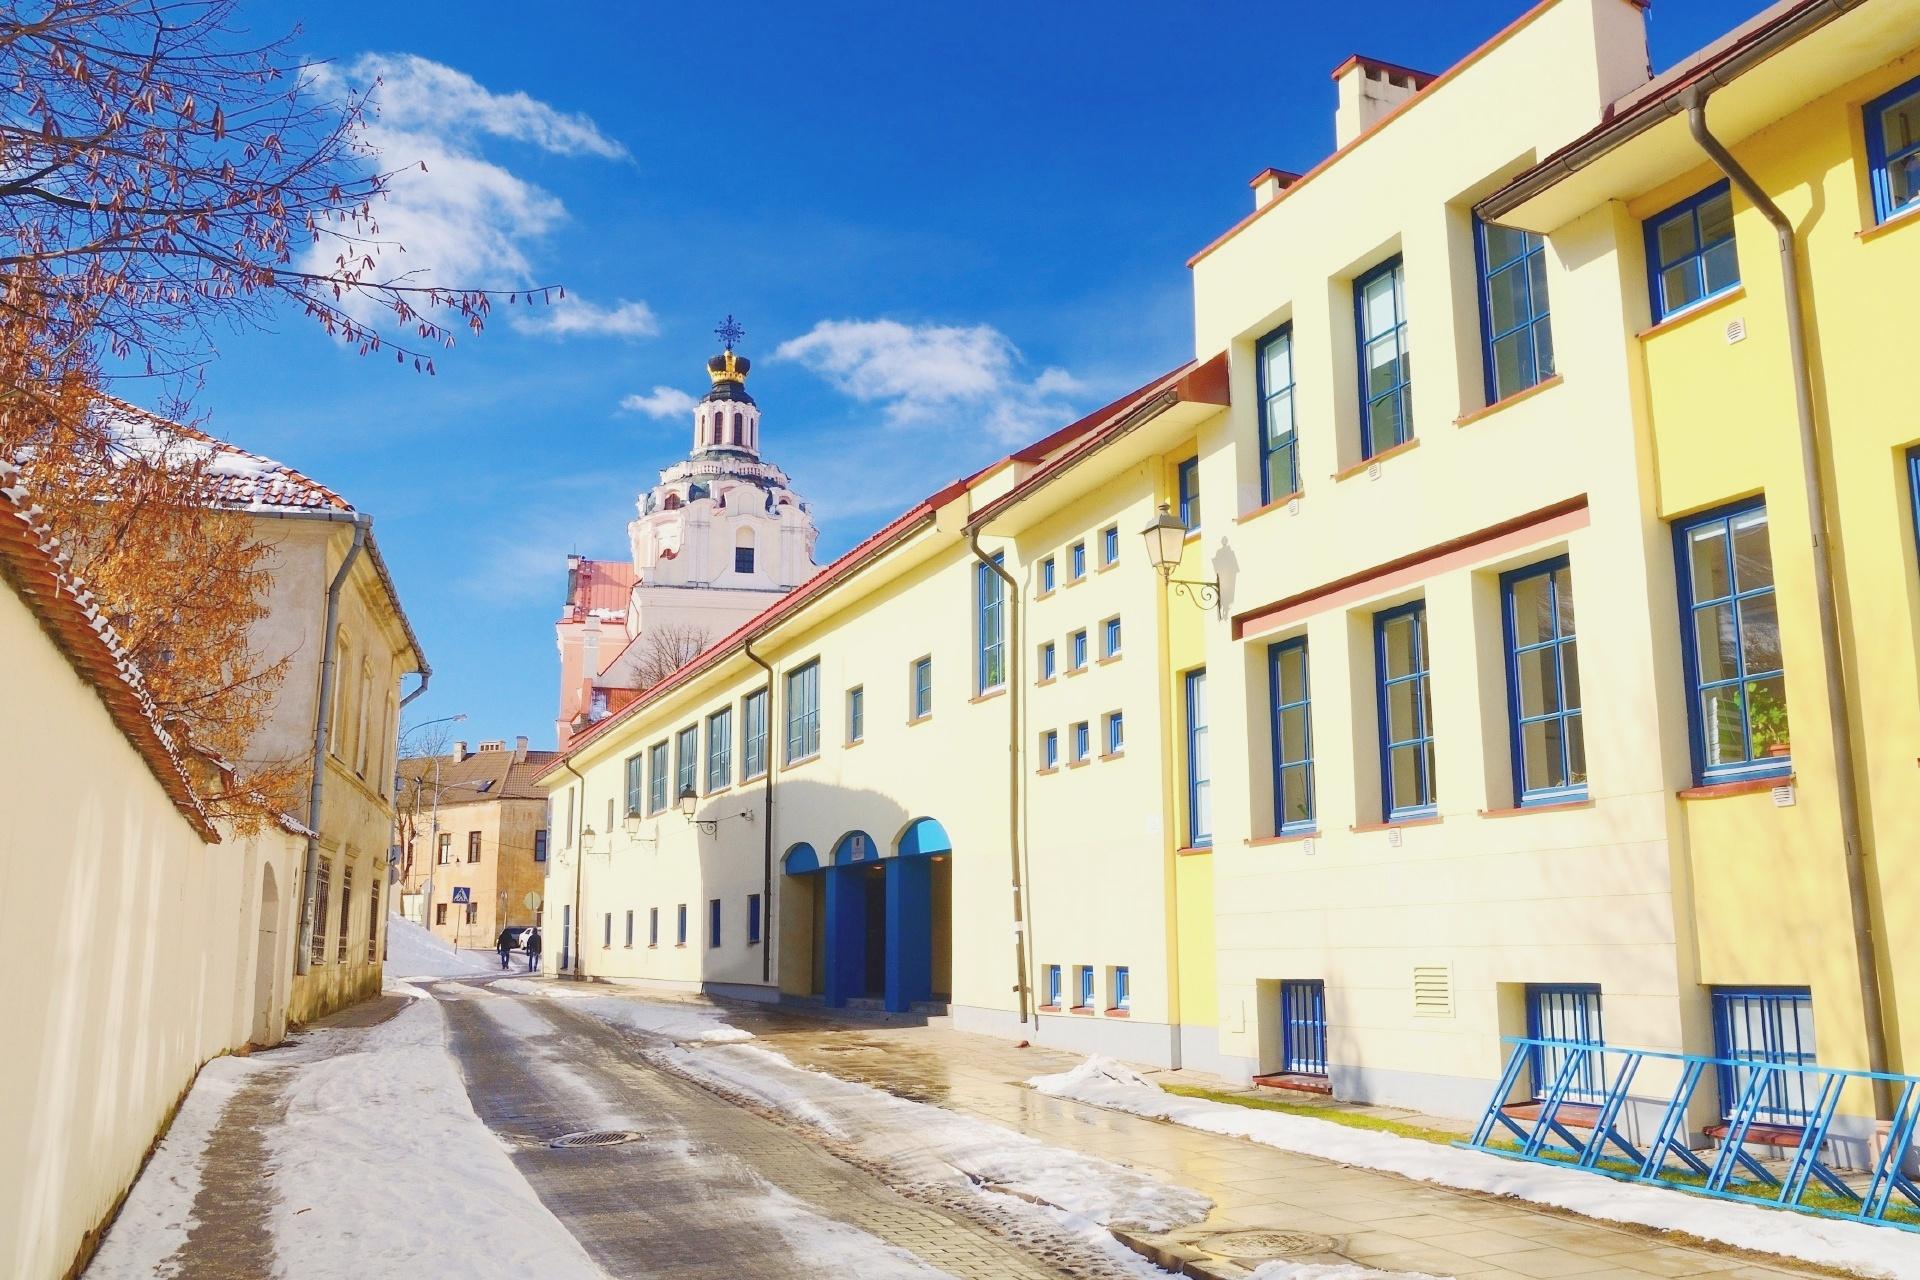 ヴィリニュス旧市街 リトアニアの風景